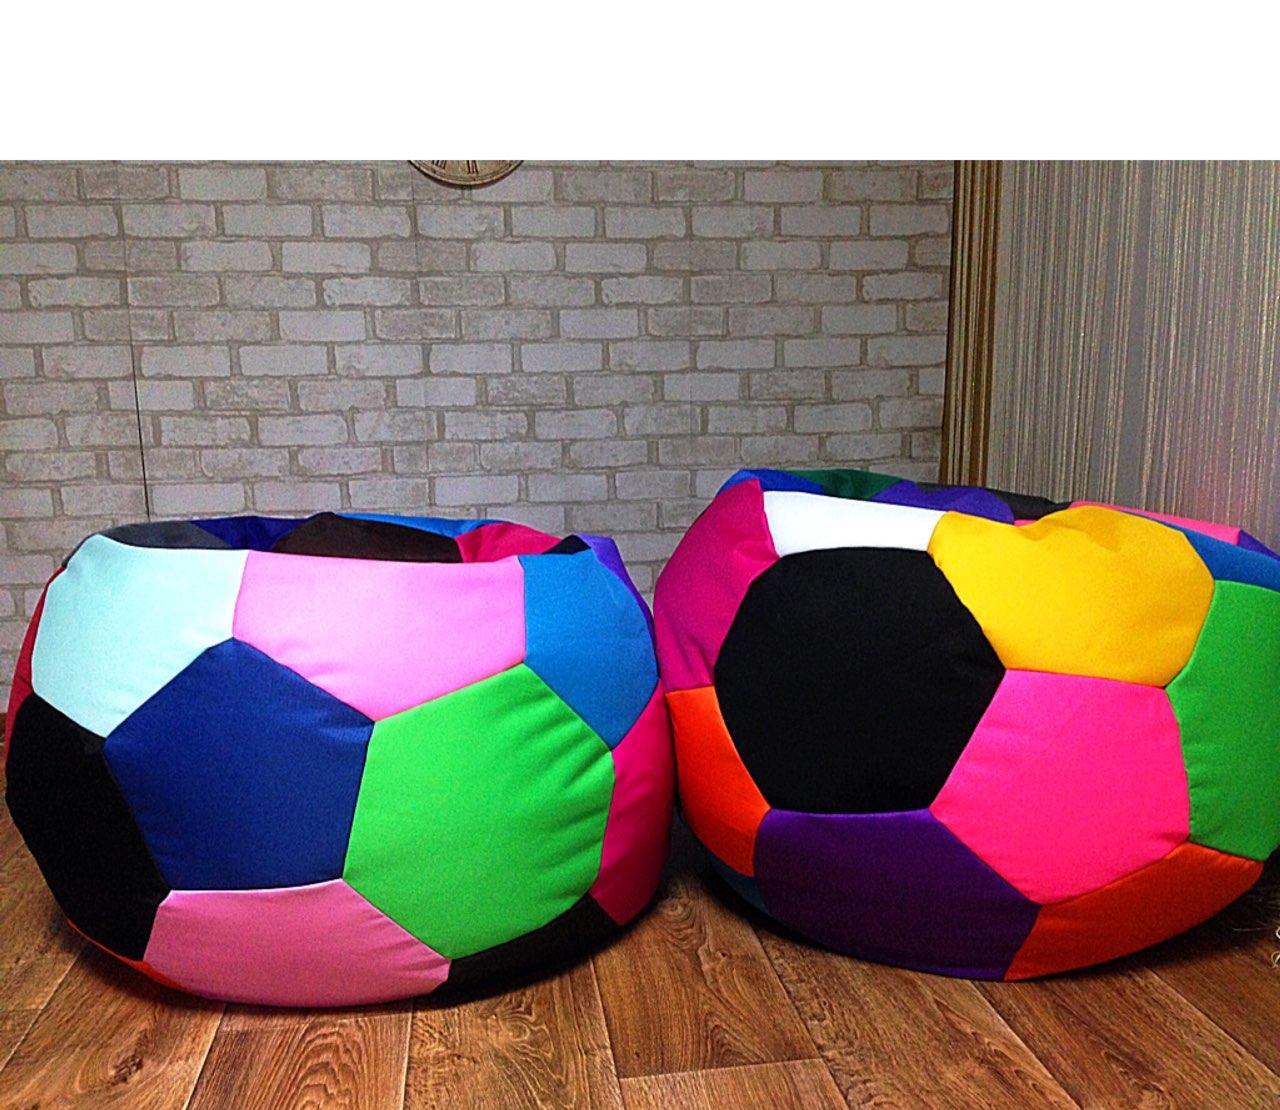 Кресло мешок, бескаркасное кресло МЯЧ, мягкий пуфик, бескаркасная мебель, мебель Лофт, Loft  пуф 1 м